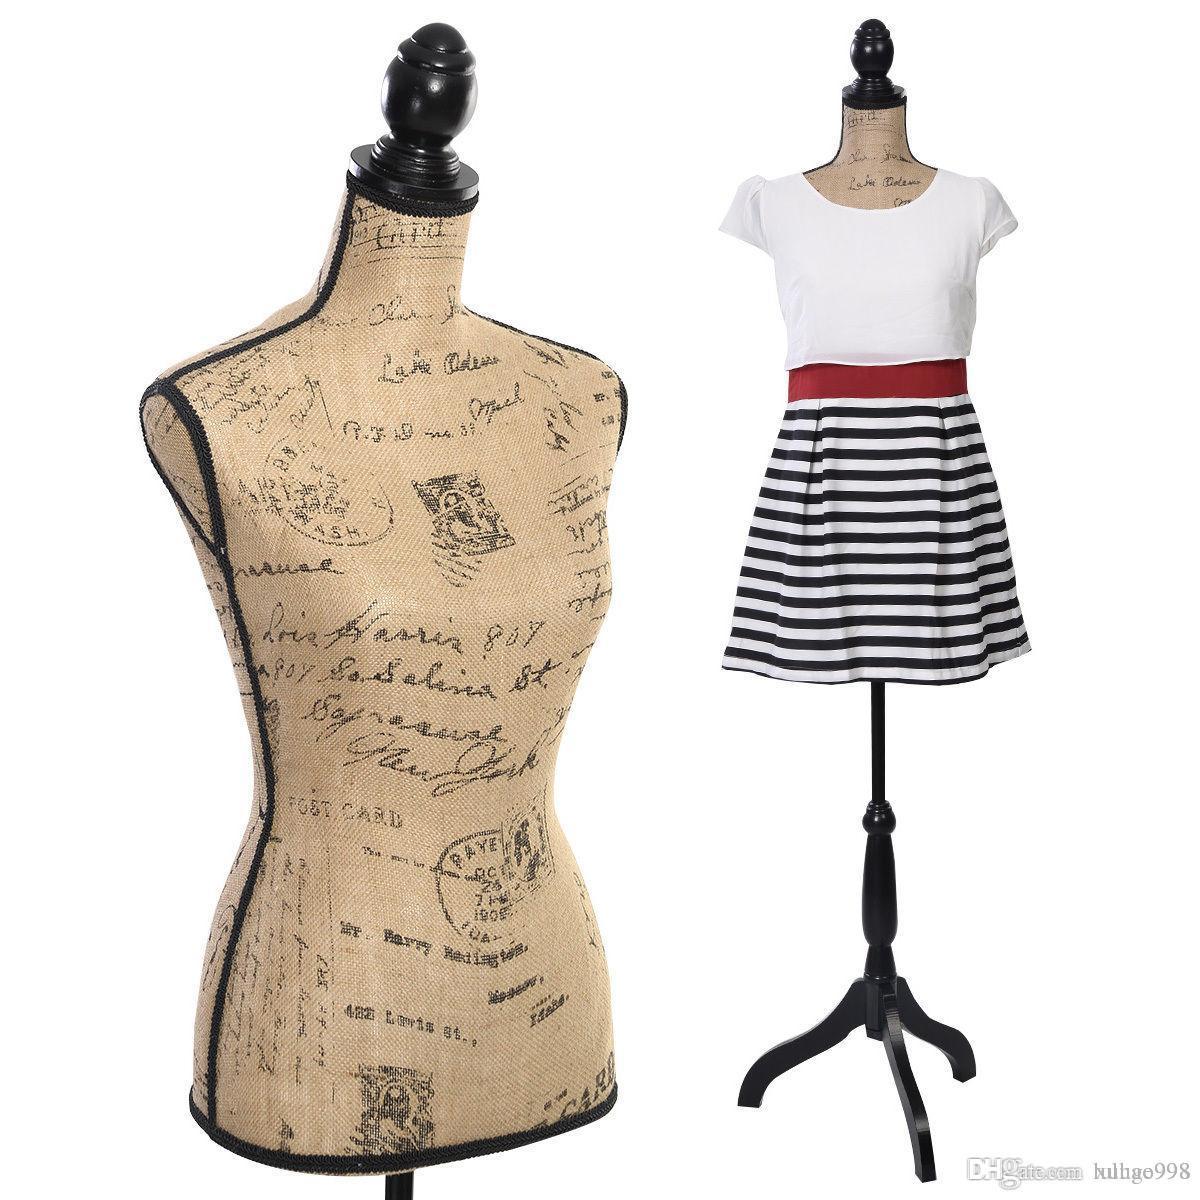 Affichage de formulaire de robe de torse féminin de mannequin Torse avec stand de trépied noir Nouveau